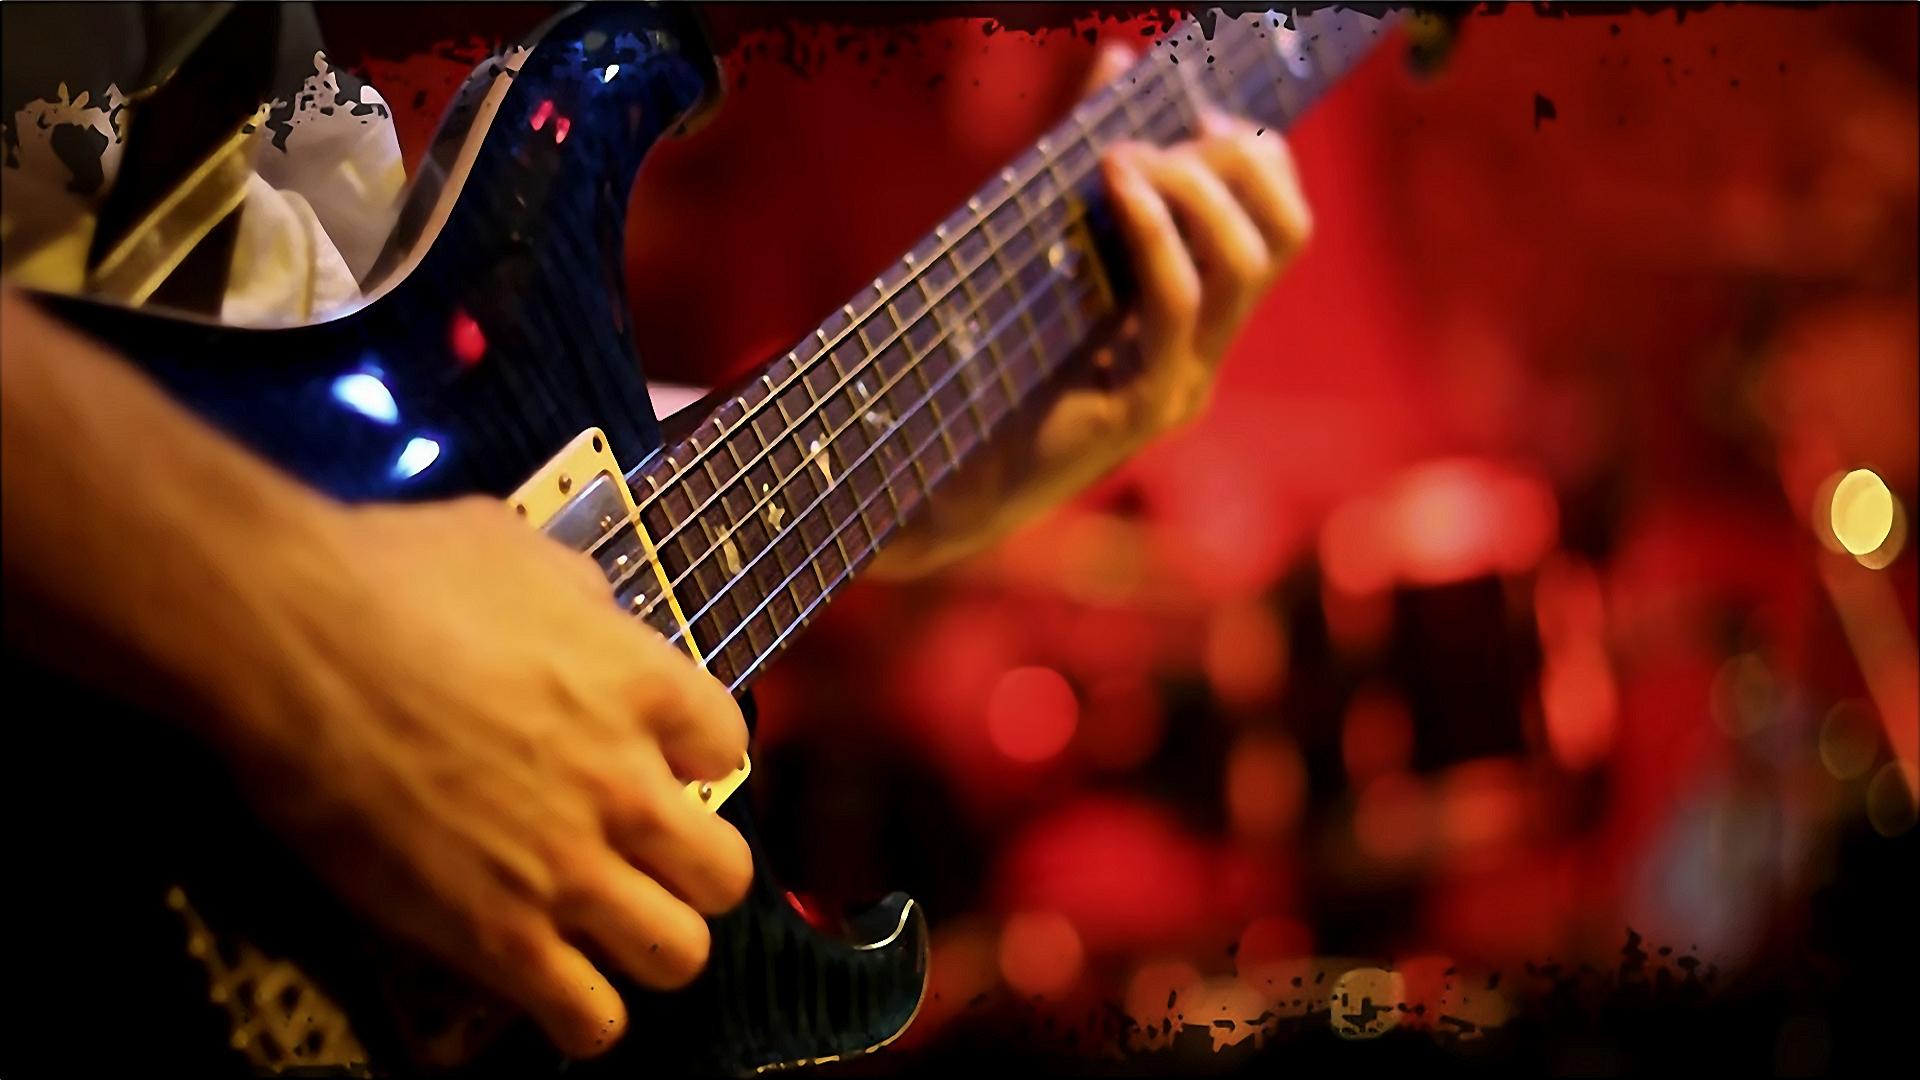 Hintergrundbilder Nacht Musikinstrument Musik Musiker Gitarrist elektrische Gitarre Mann Hand Spiel Performance Dunkelheit Show